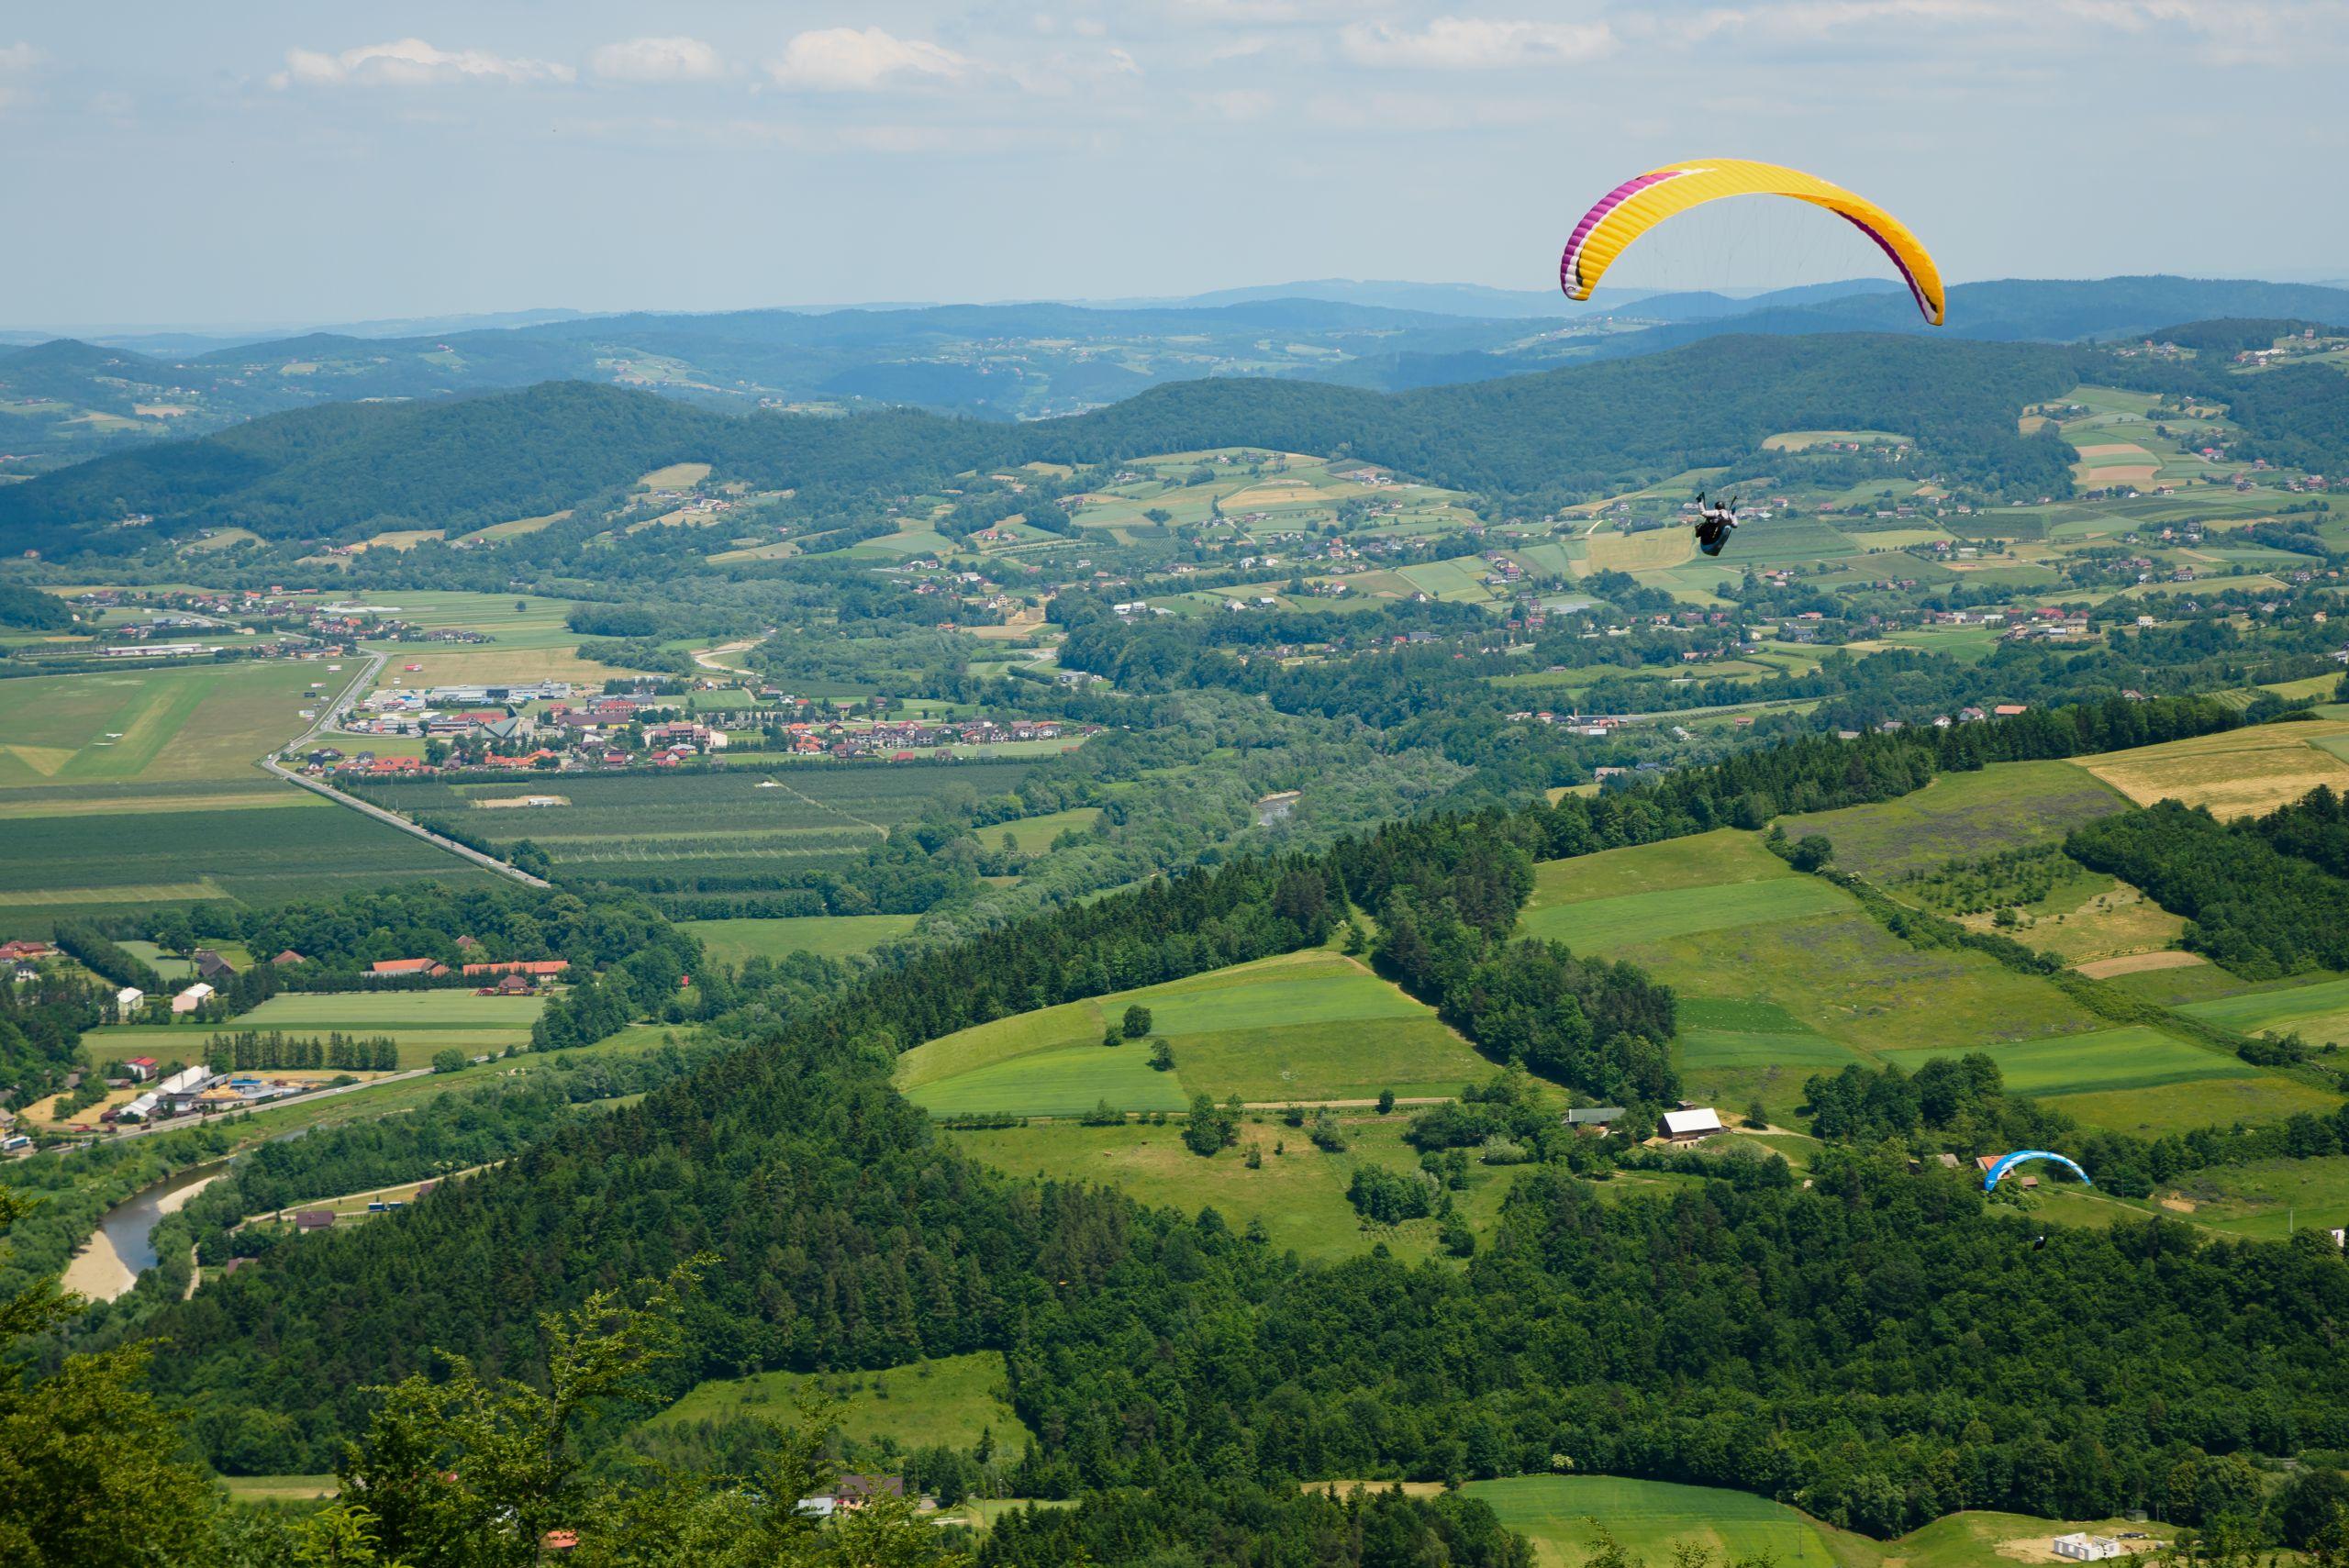 Zielony krajobraz z żółtym spadochronem na pierwszym planie